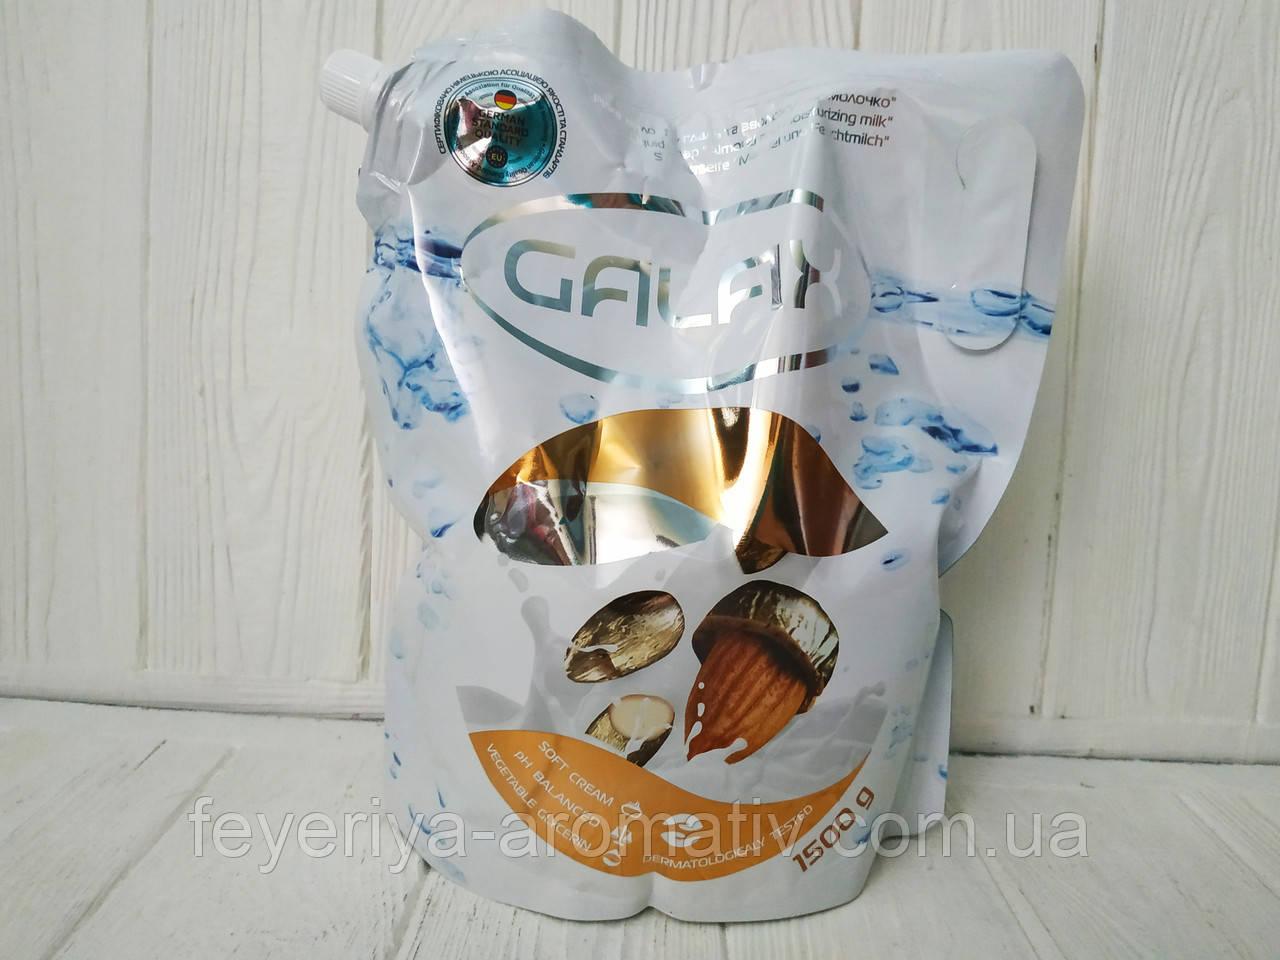 Антибактериальное жидкое мыло Galax, 1500гр (Украина-Германия) миндаль и увлажняющее молочко